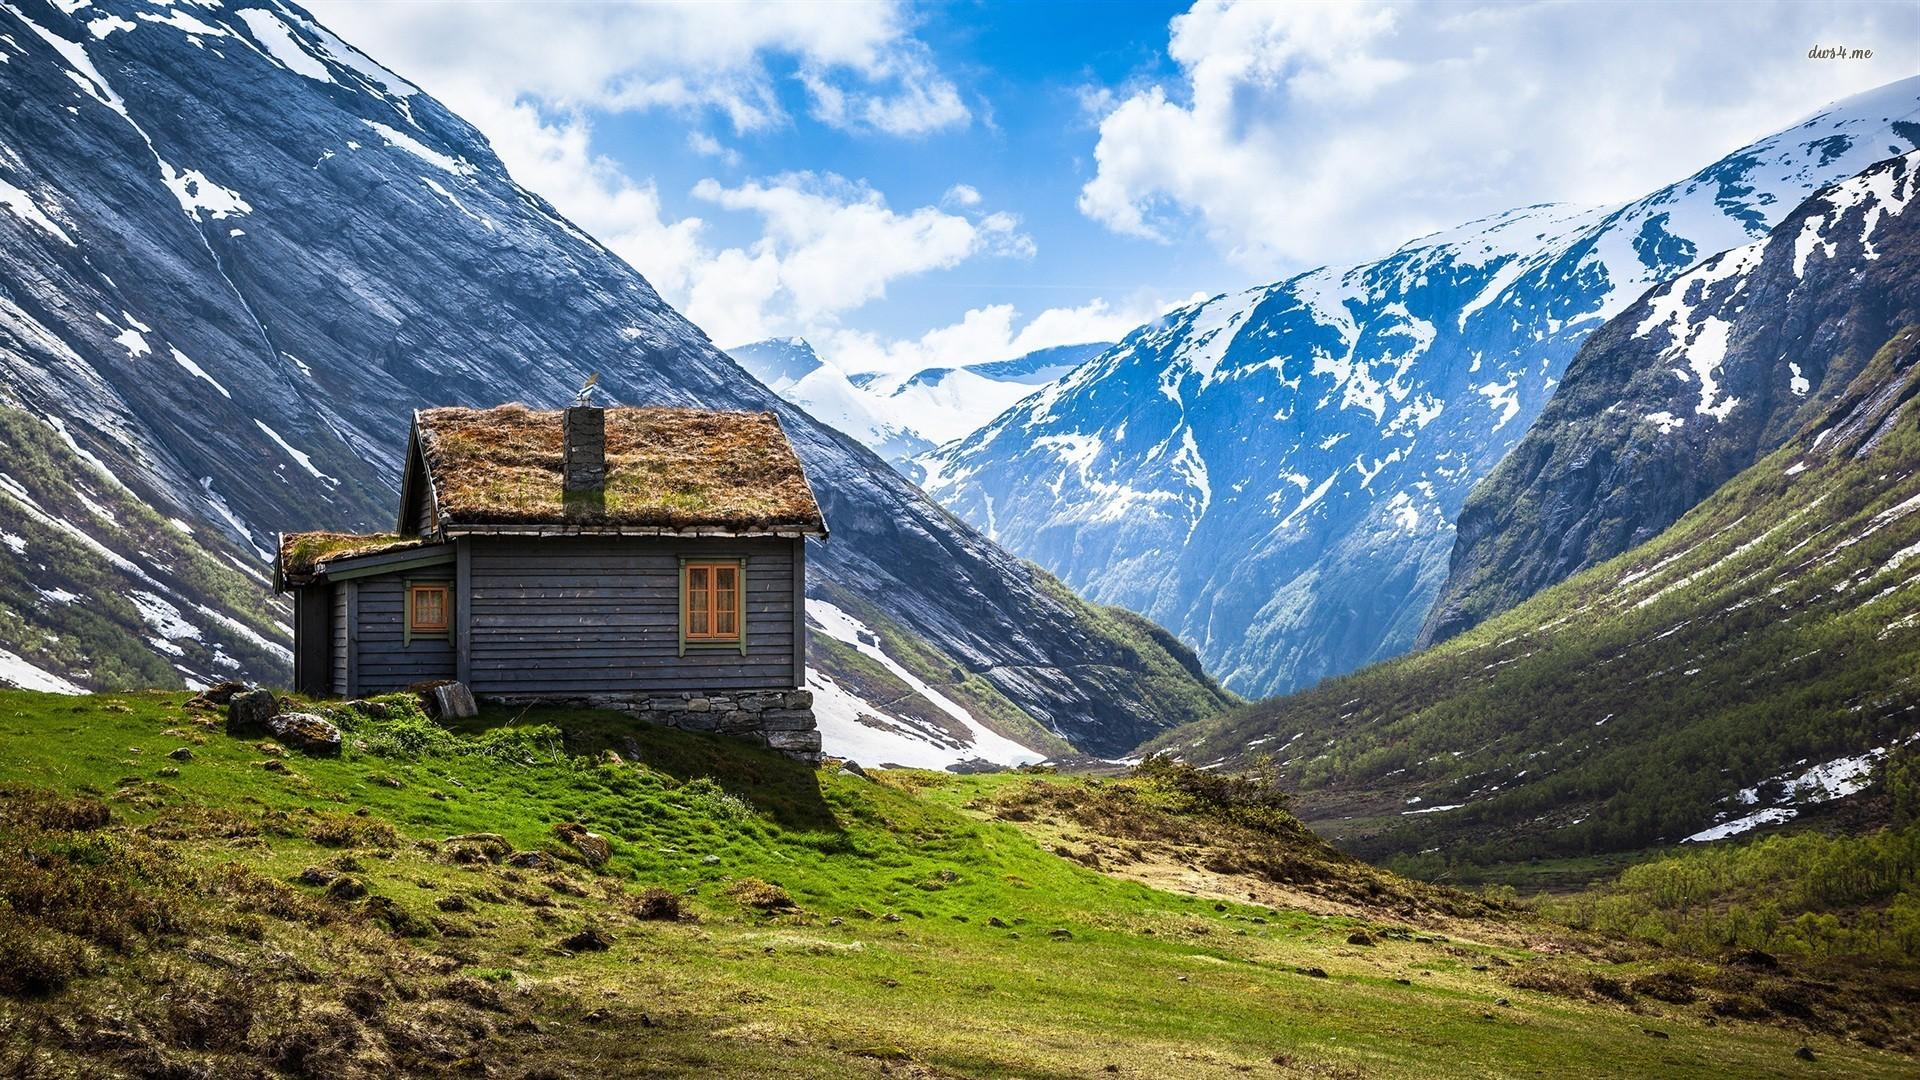 14542-mountain-cabin-in-norway-1920x1080-world-wallpaper.jpg